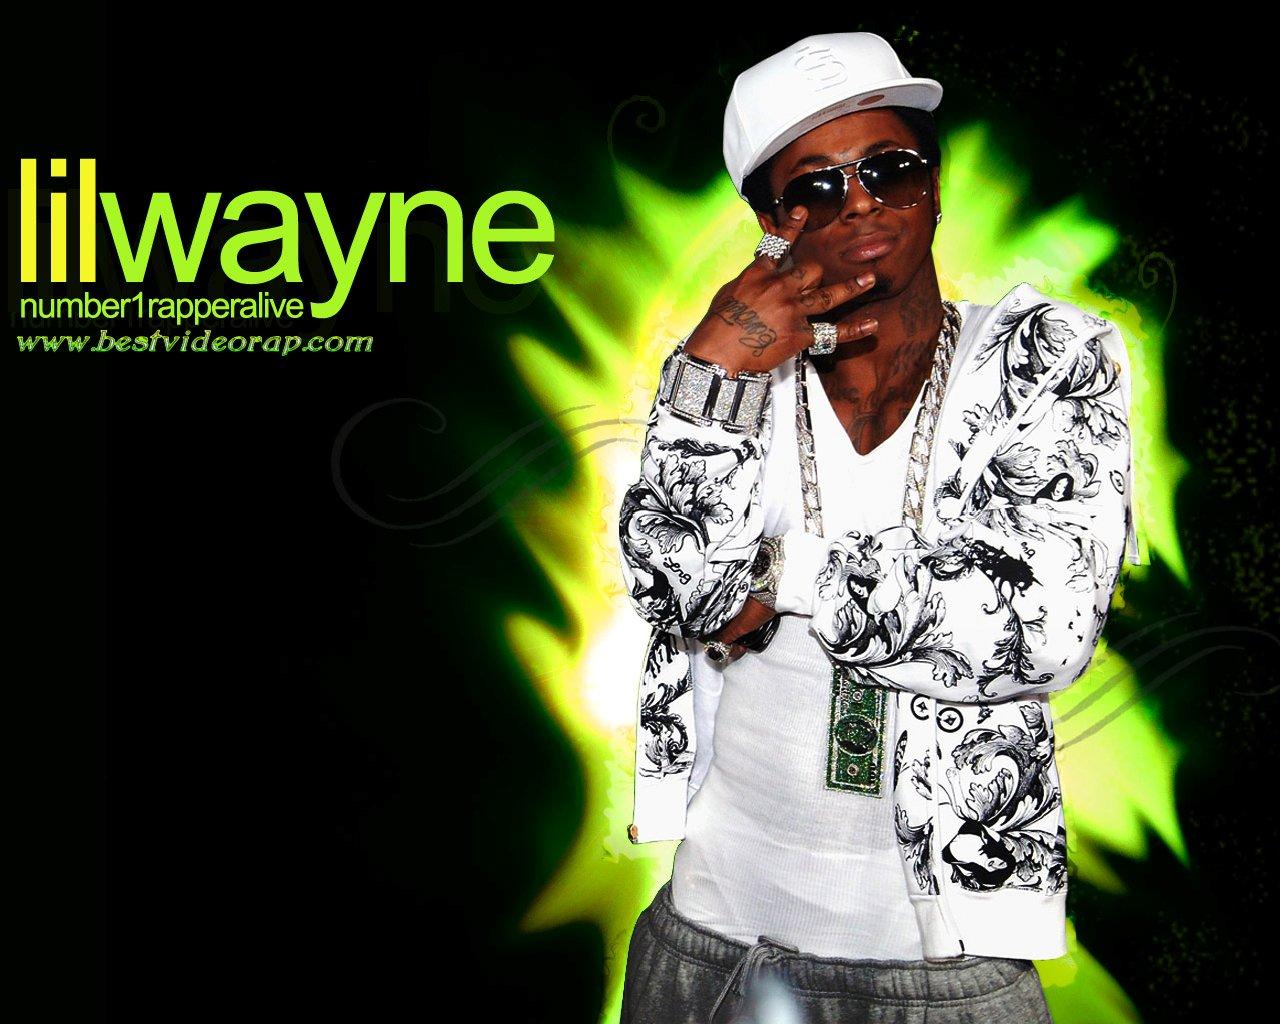 http://1.bp.blogspot.com/_TpqXMiFczP4/SwXKwzcmbNI/AAAAAAAAEfU/b10U1EQrm3U/s1600/Lil+Wayne+%281%29.jpg